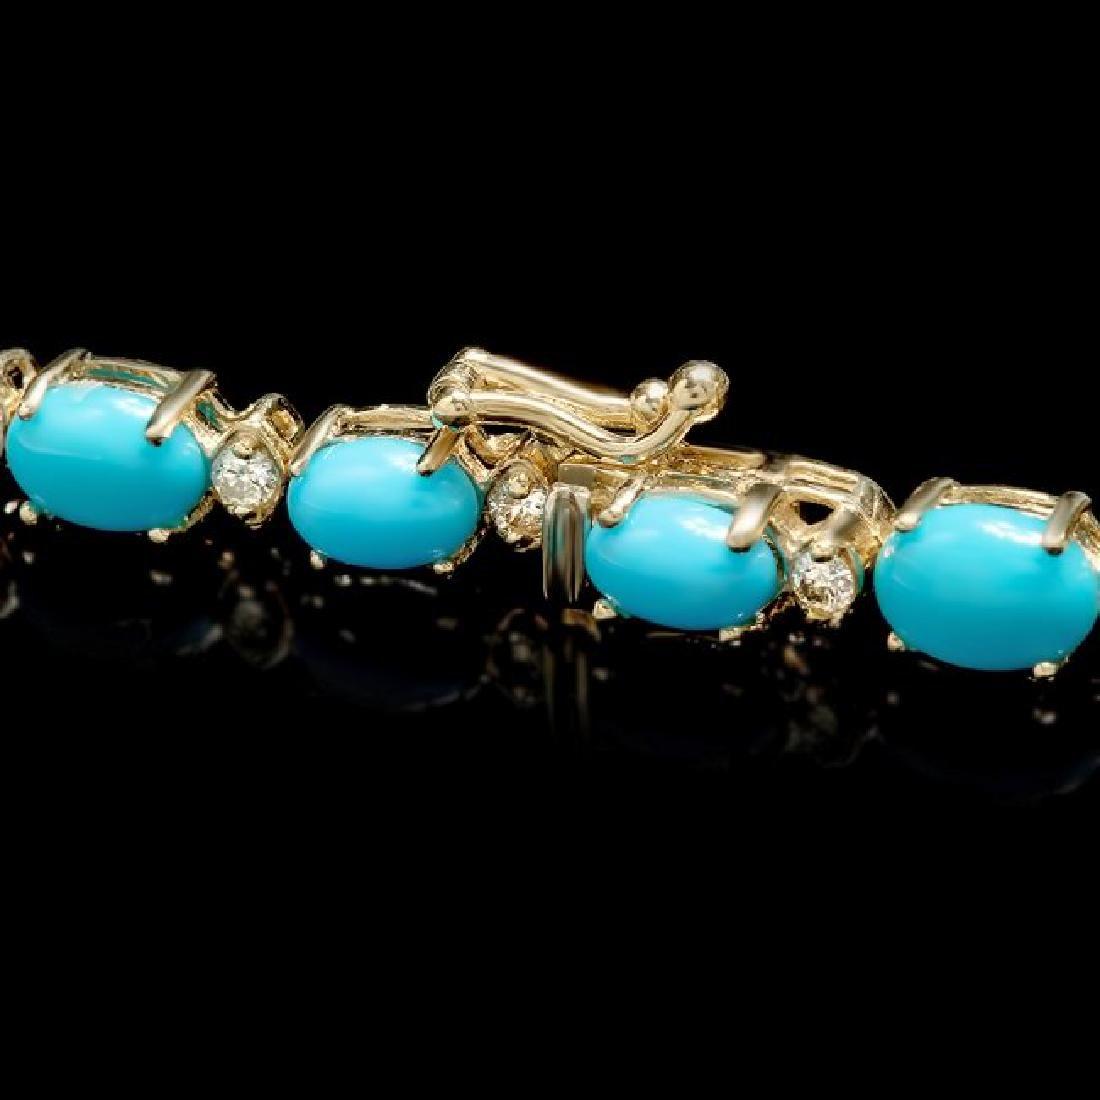 14k 12.00ct Turquoise 0.70ct Diamond Bracelet - 3